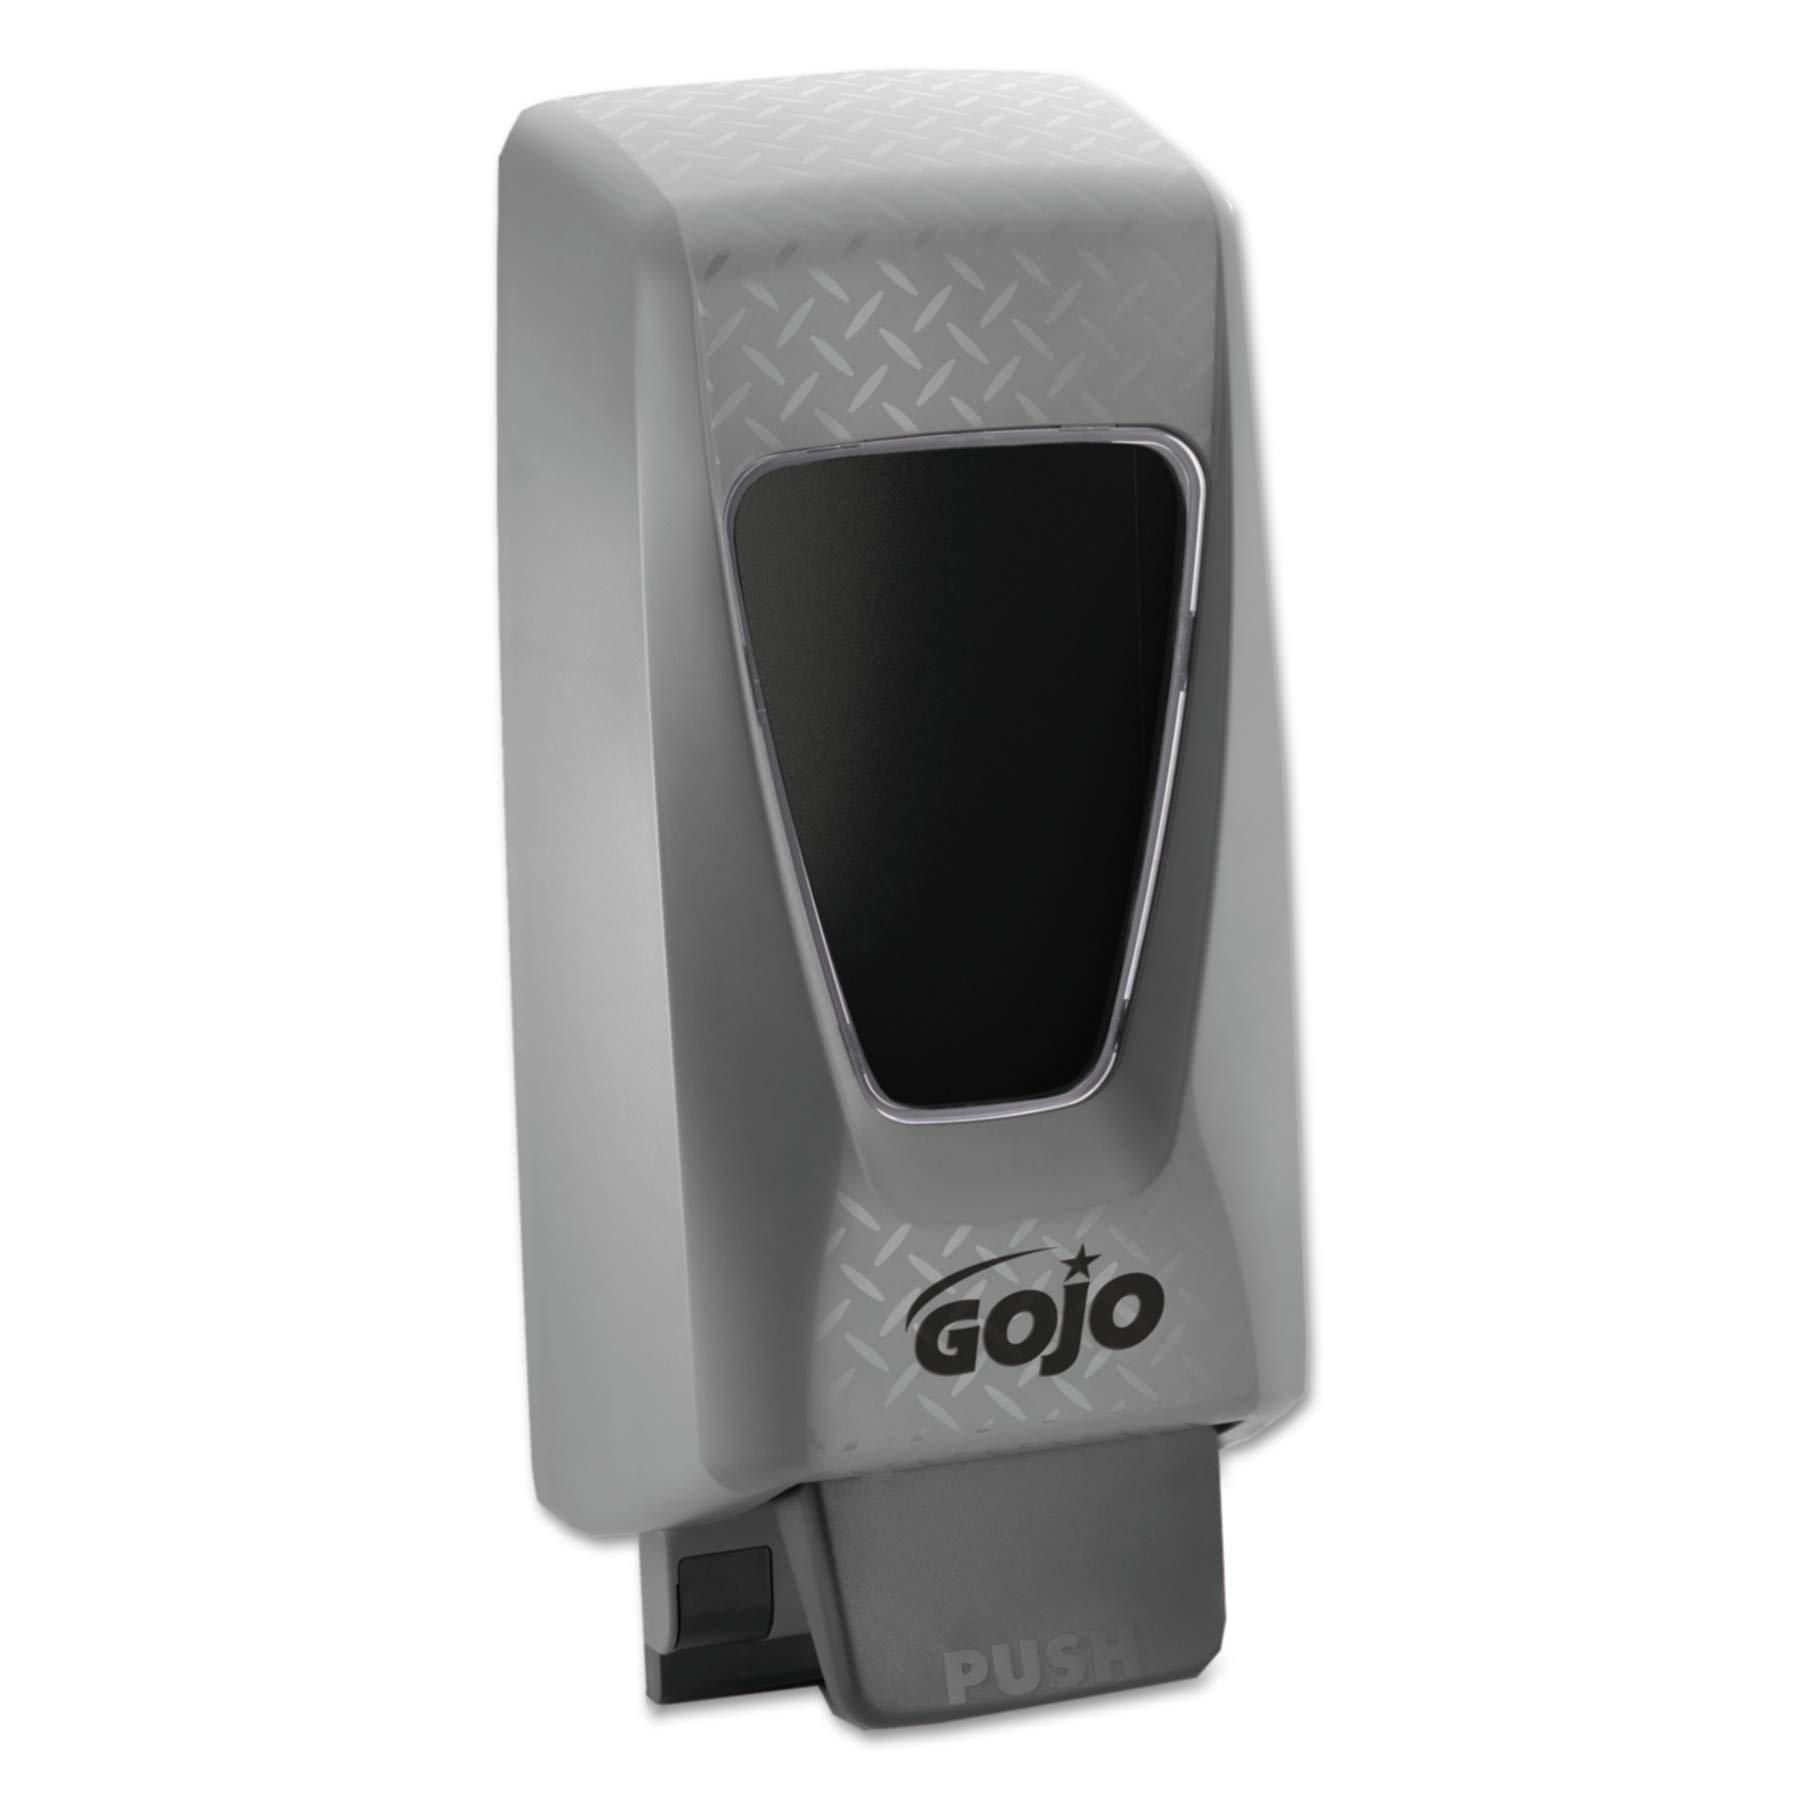 GOJO 720001 PRO 2000 Hand Soap Dispenser, 2000mL, Black